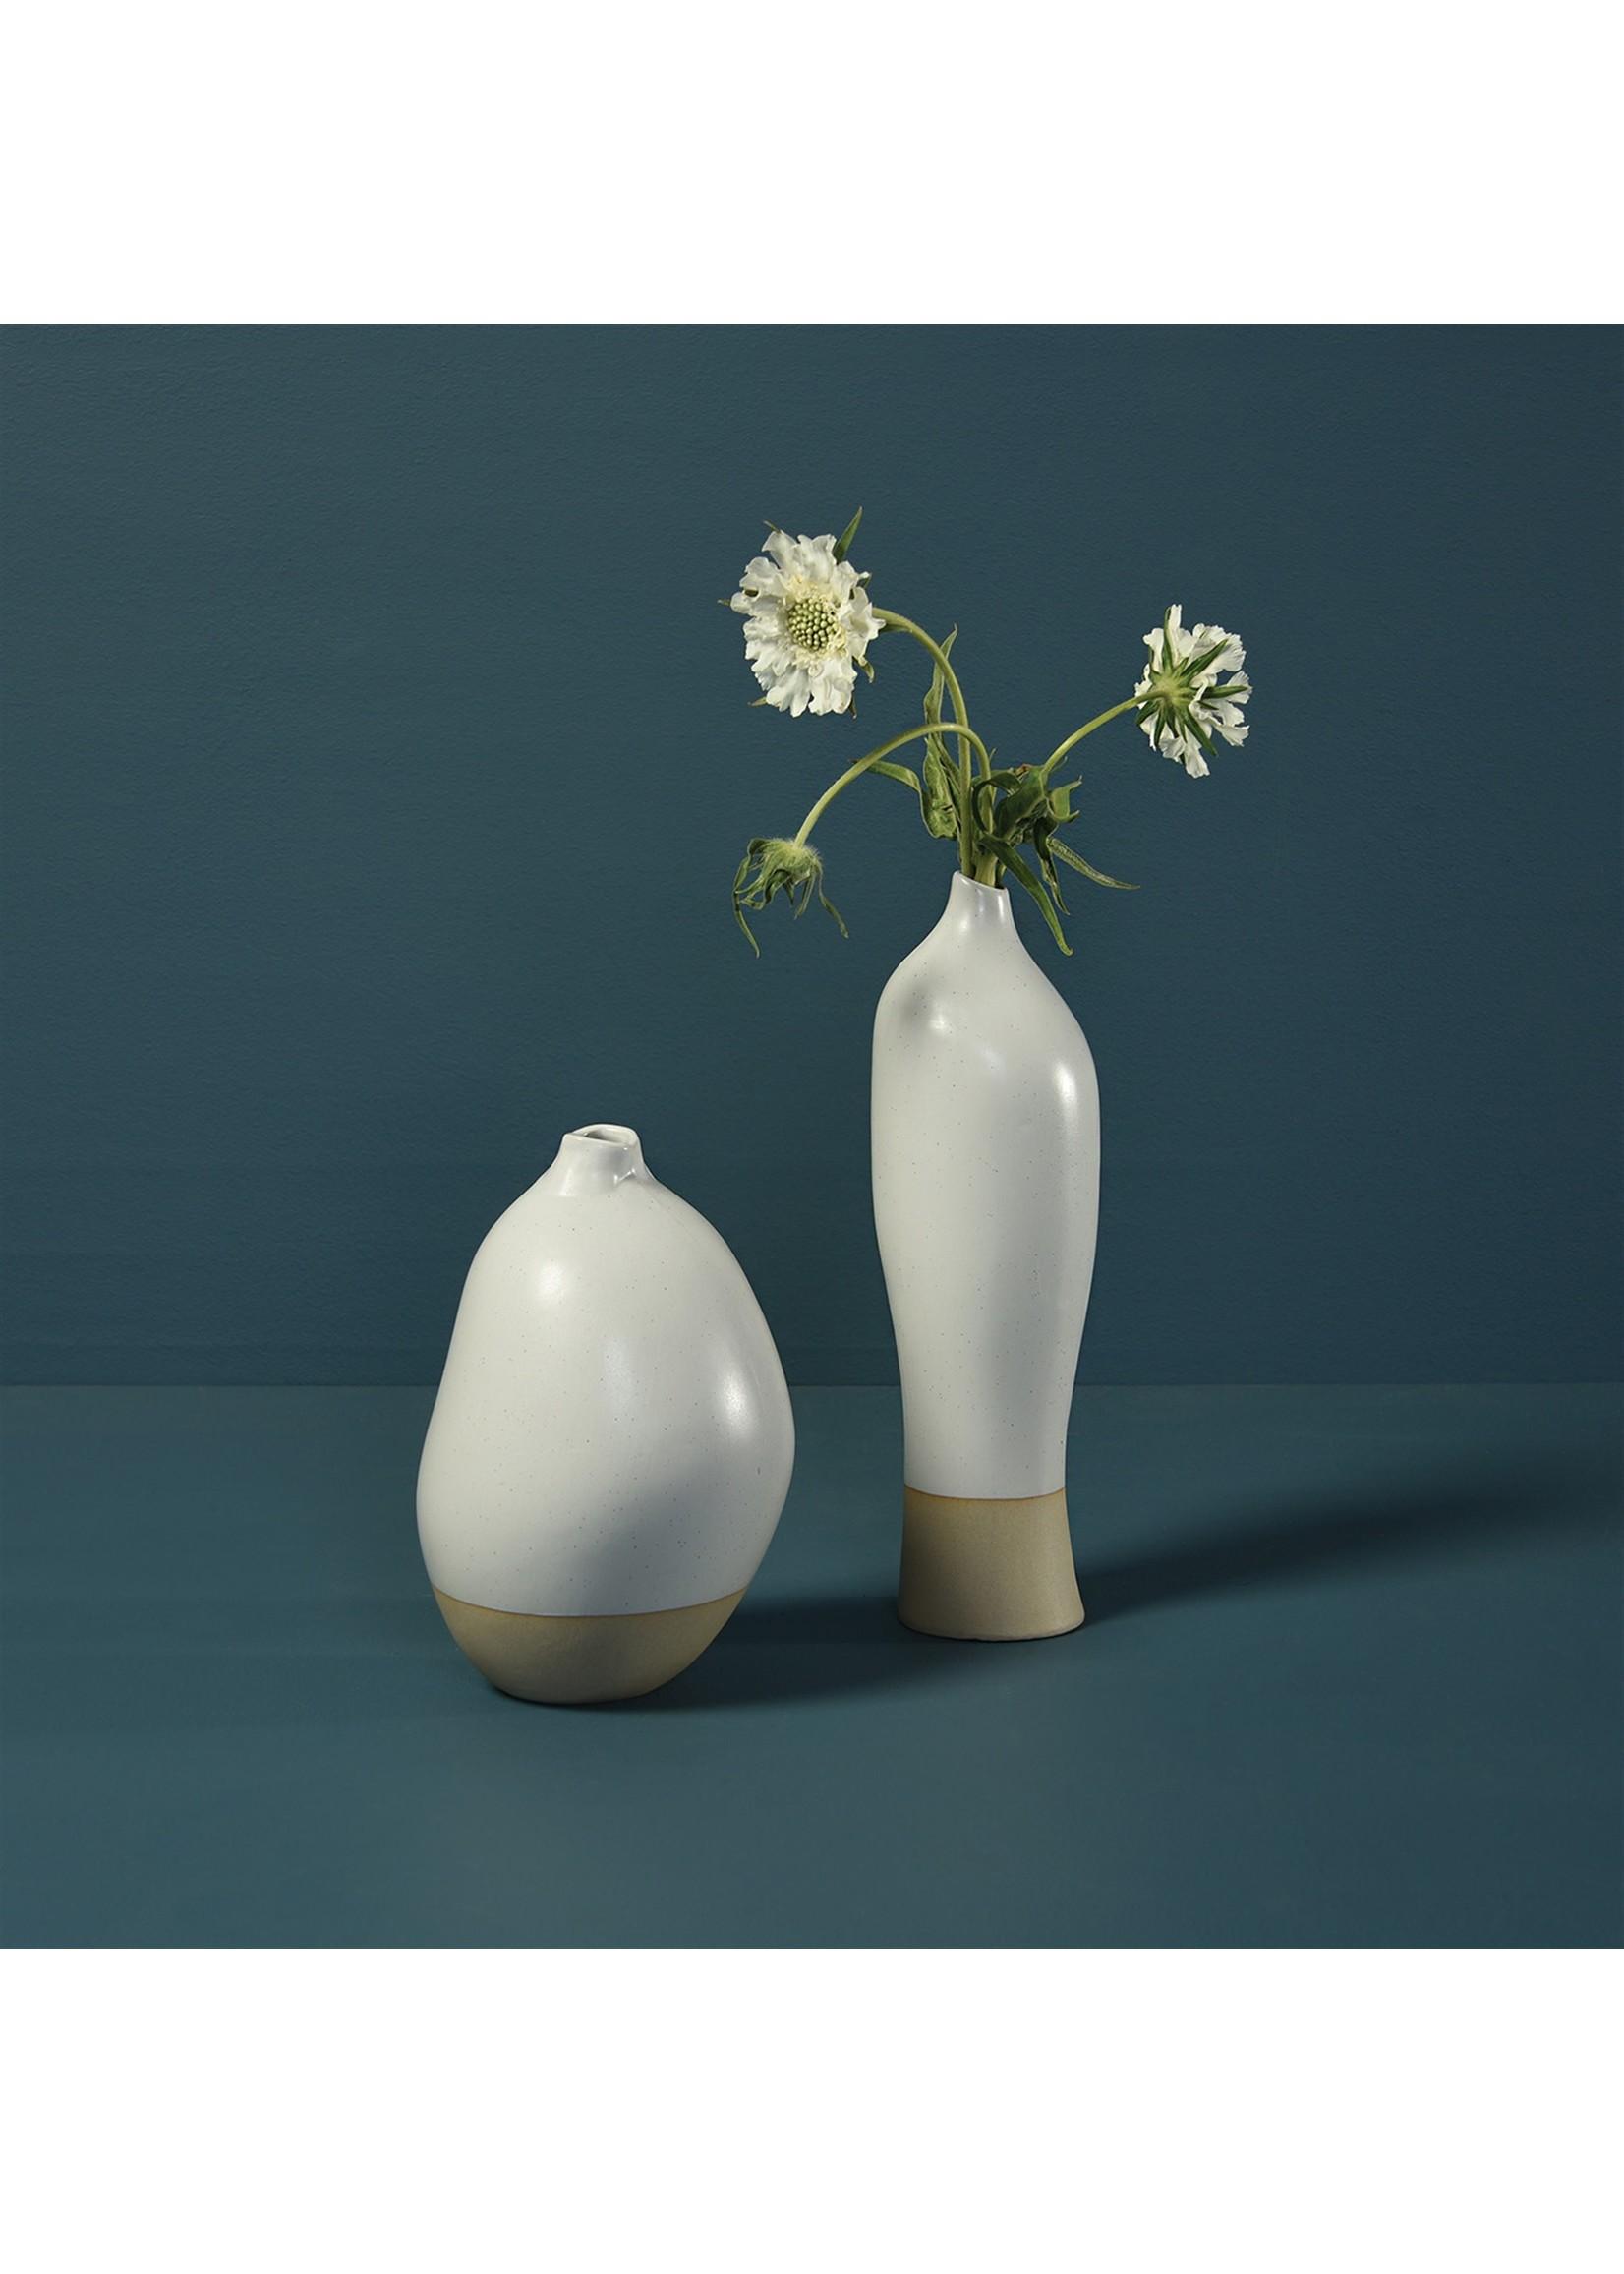 HomArt Rona Ceramic Vase - small